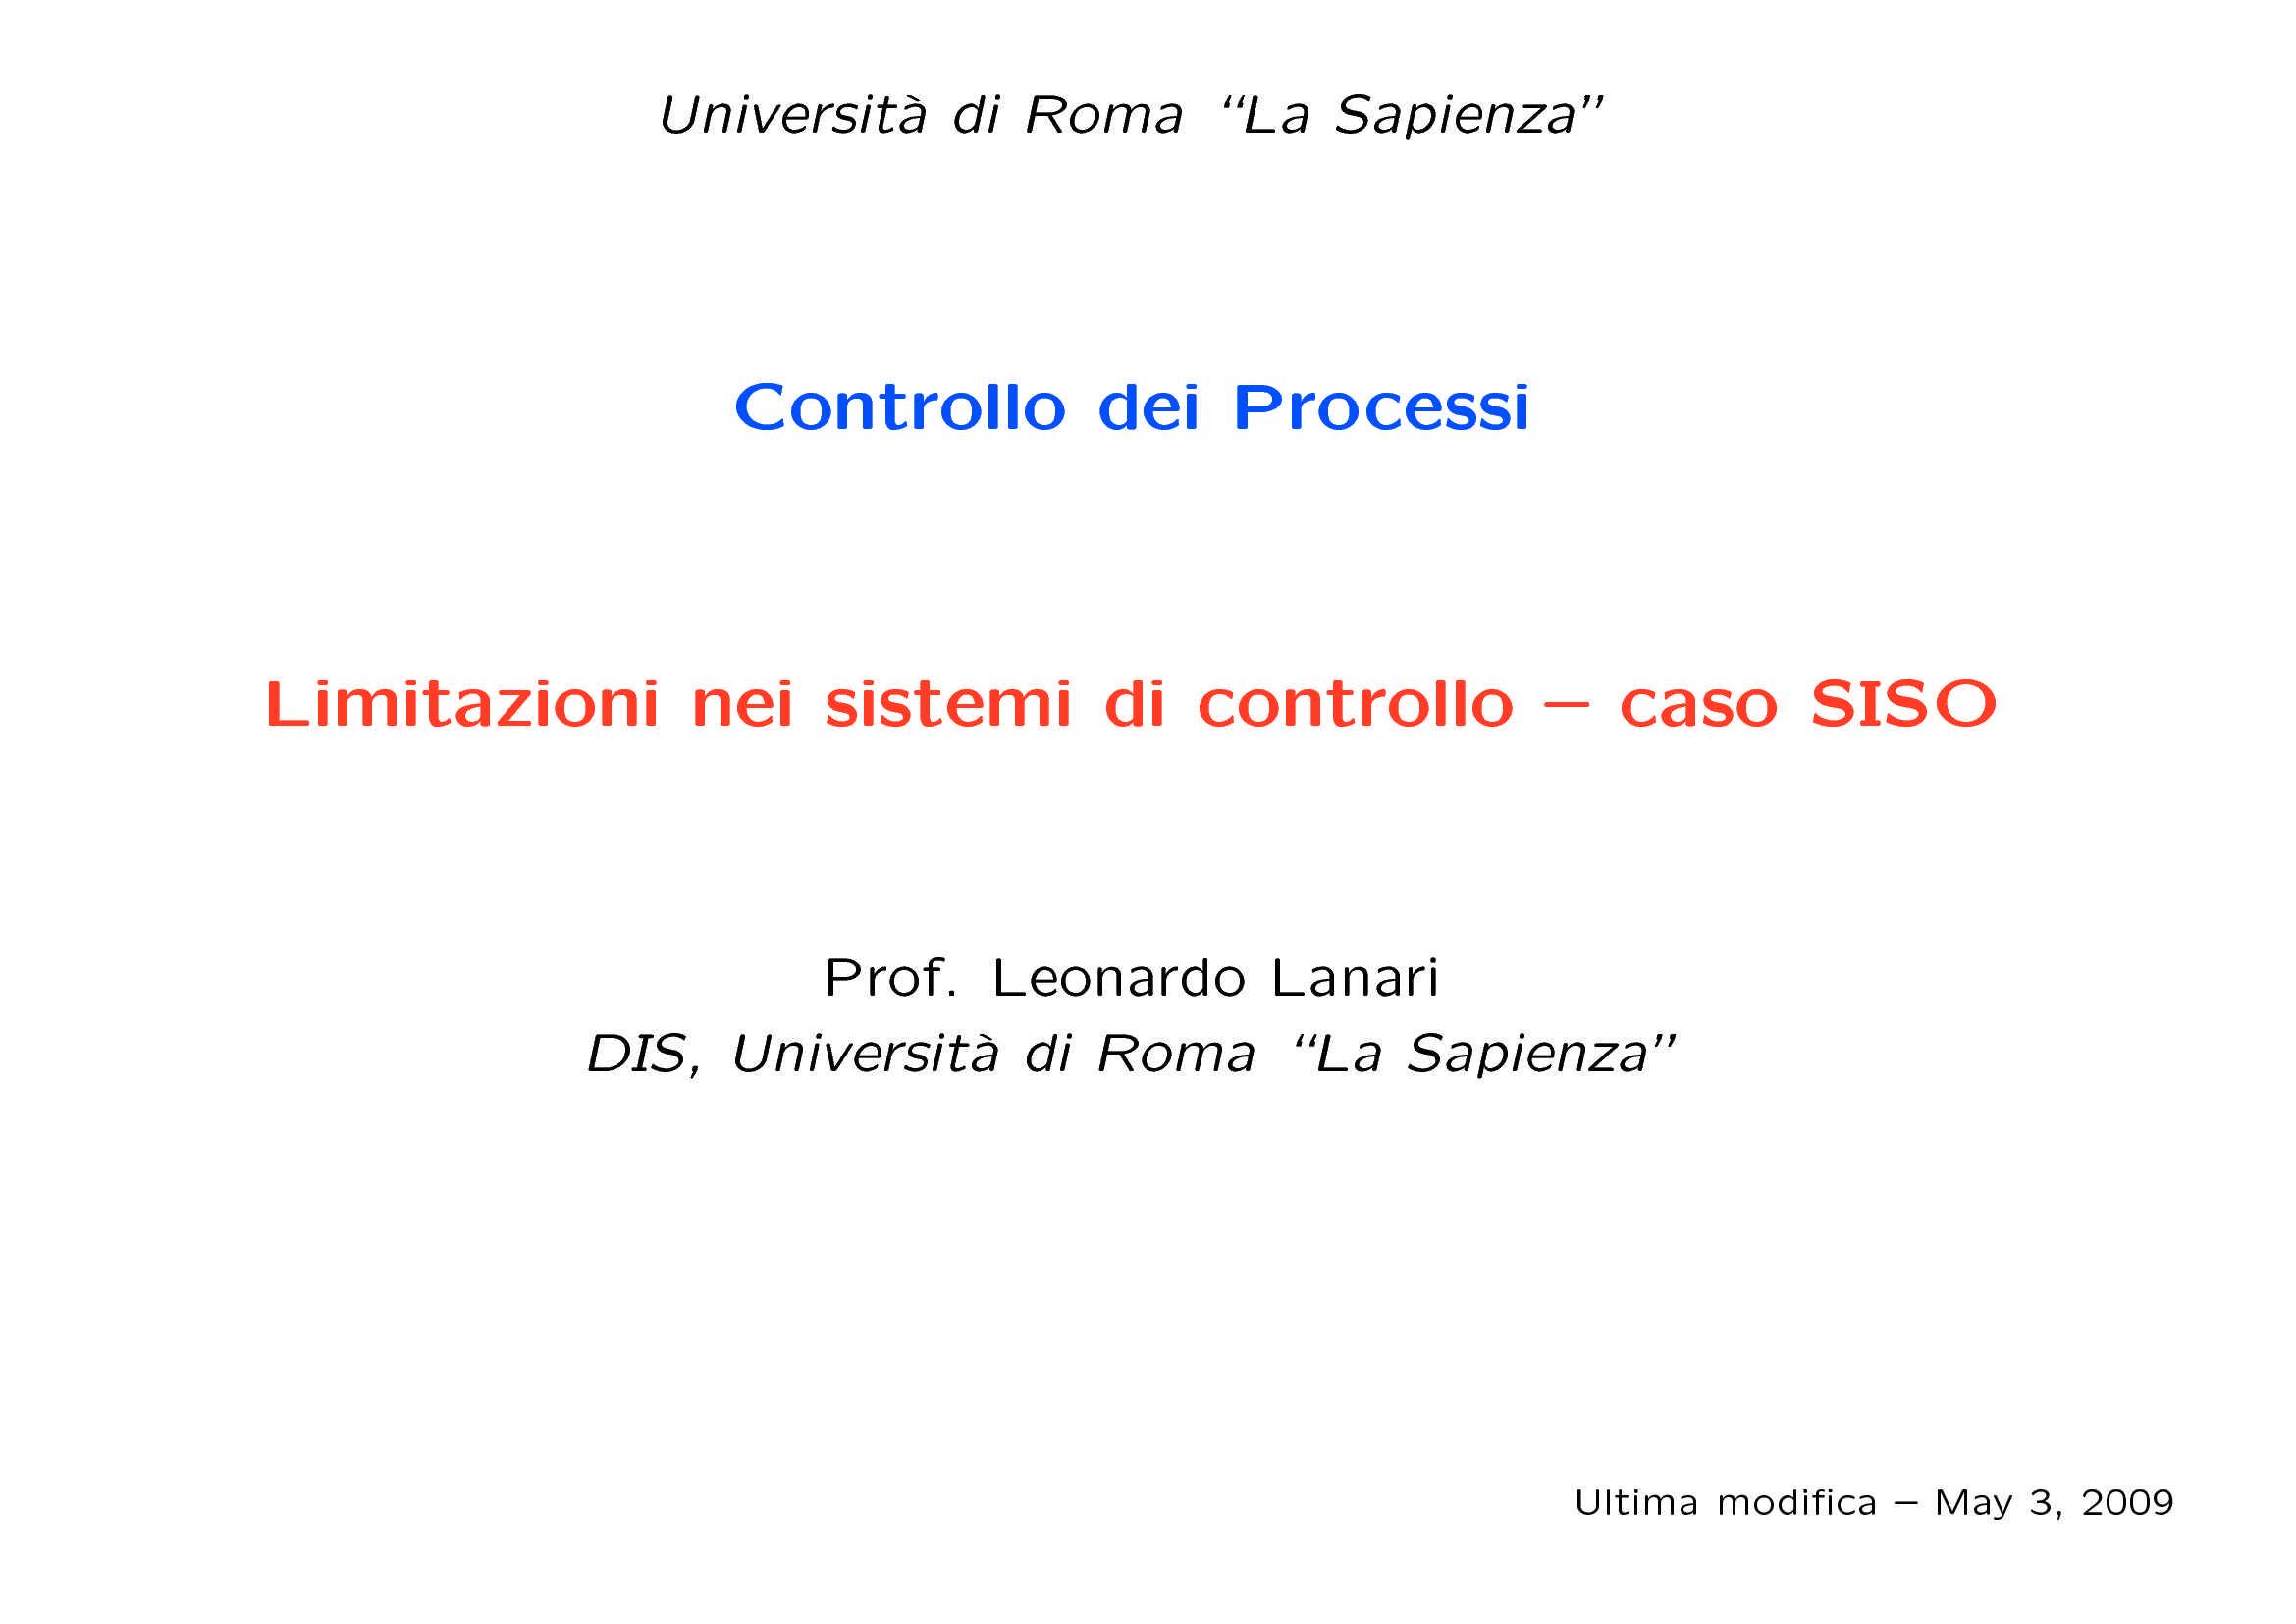 Controllo di sistemi SISO - Limitazioni